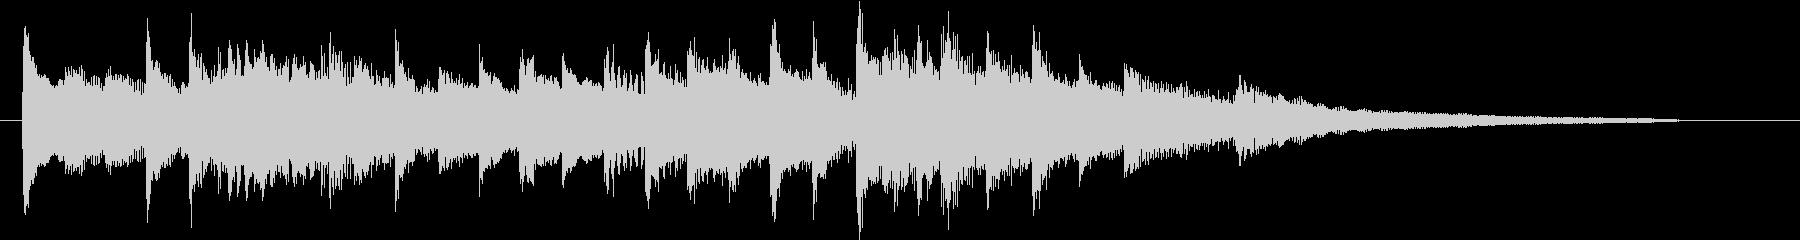 バッハ・バロック風チェンバロオープニングの未再生の波形